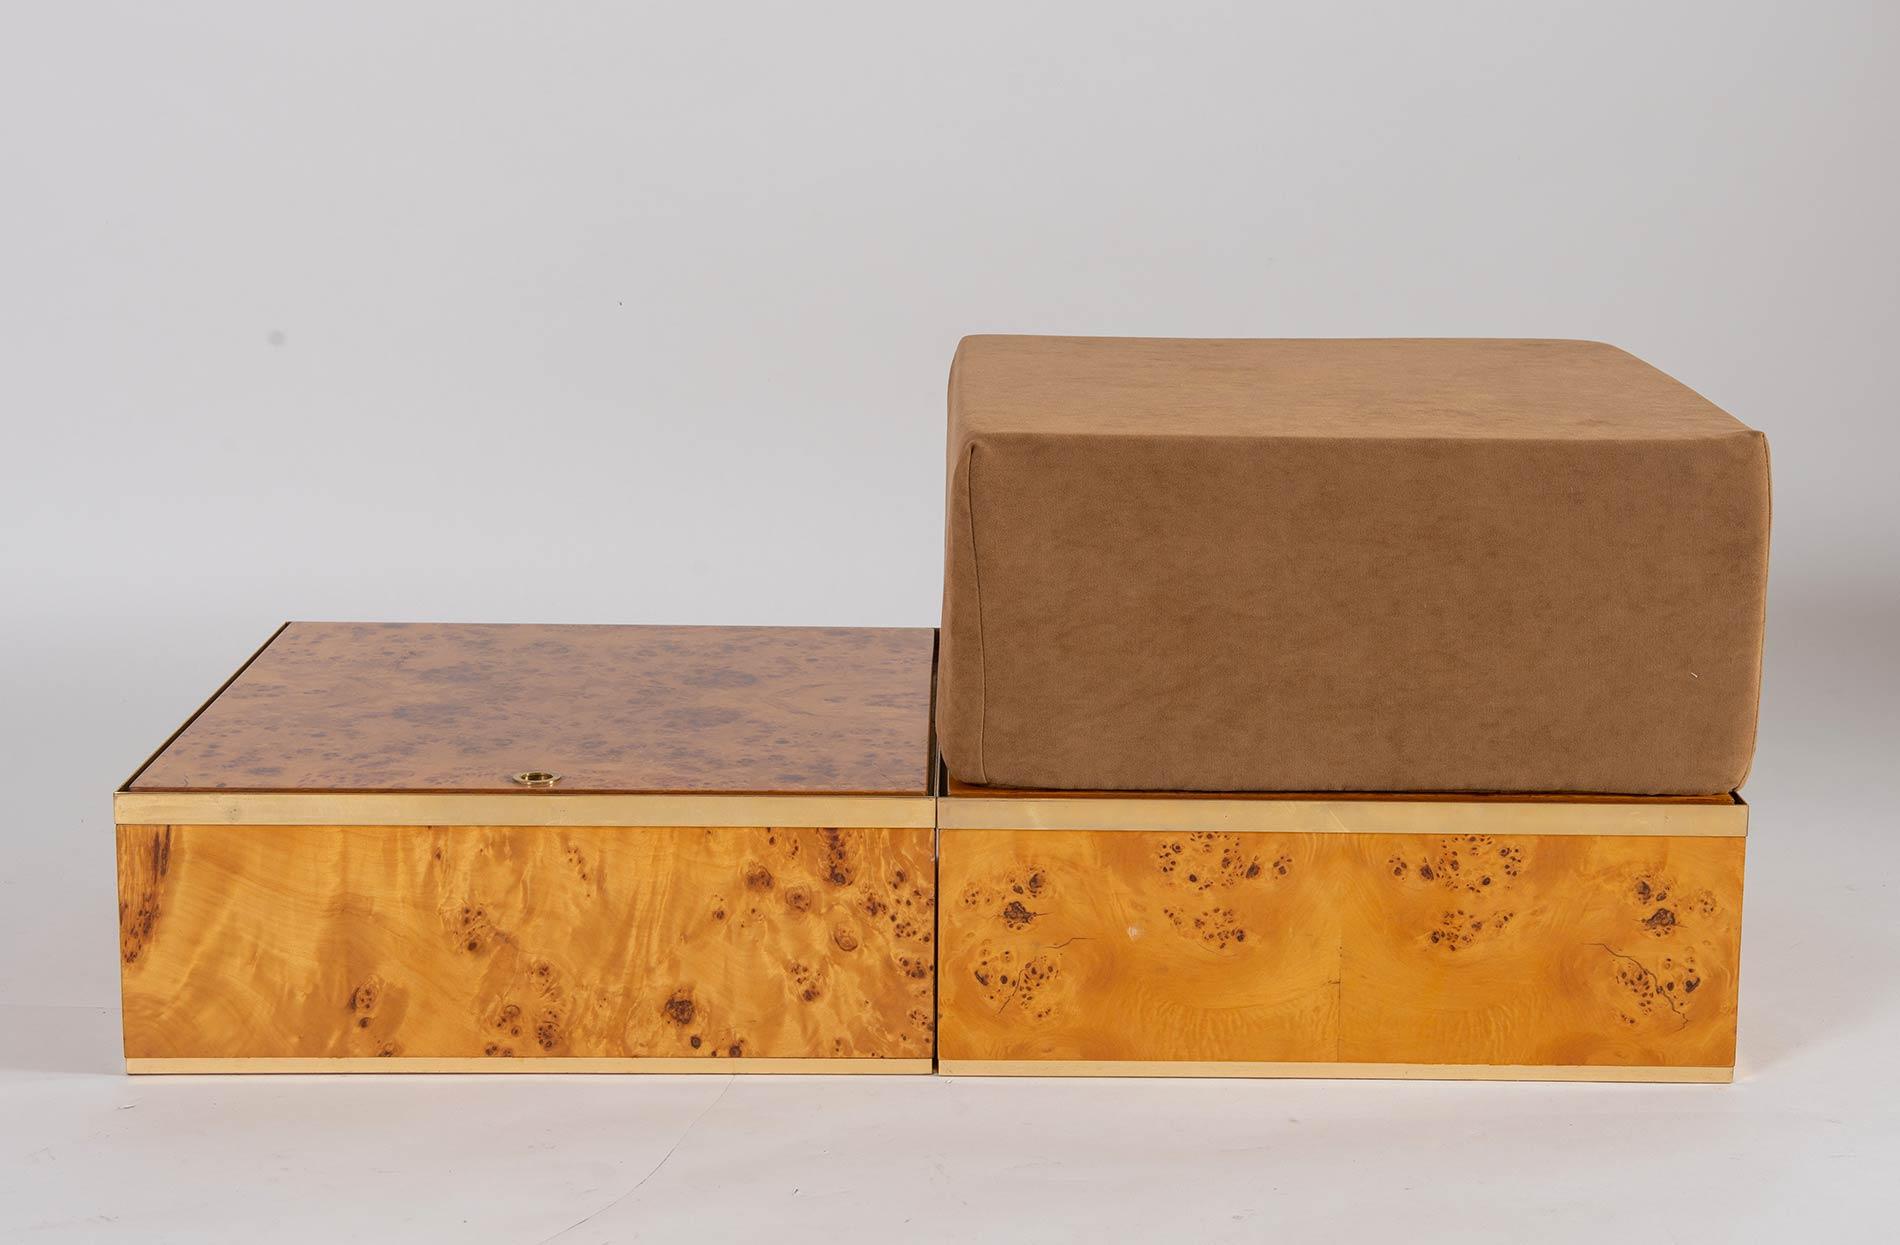 Fratelli Turri – Carugo, Due contenitori con pouf Flore A, Collezione Privilège, 1975. - Image 4 of 6